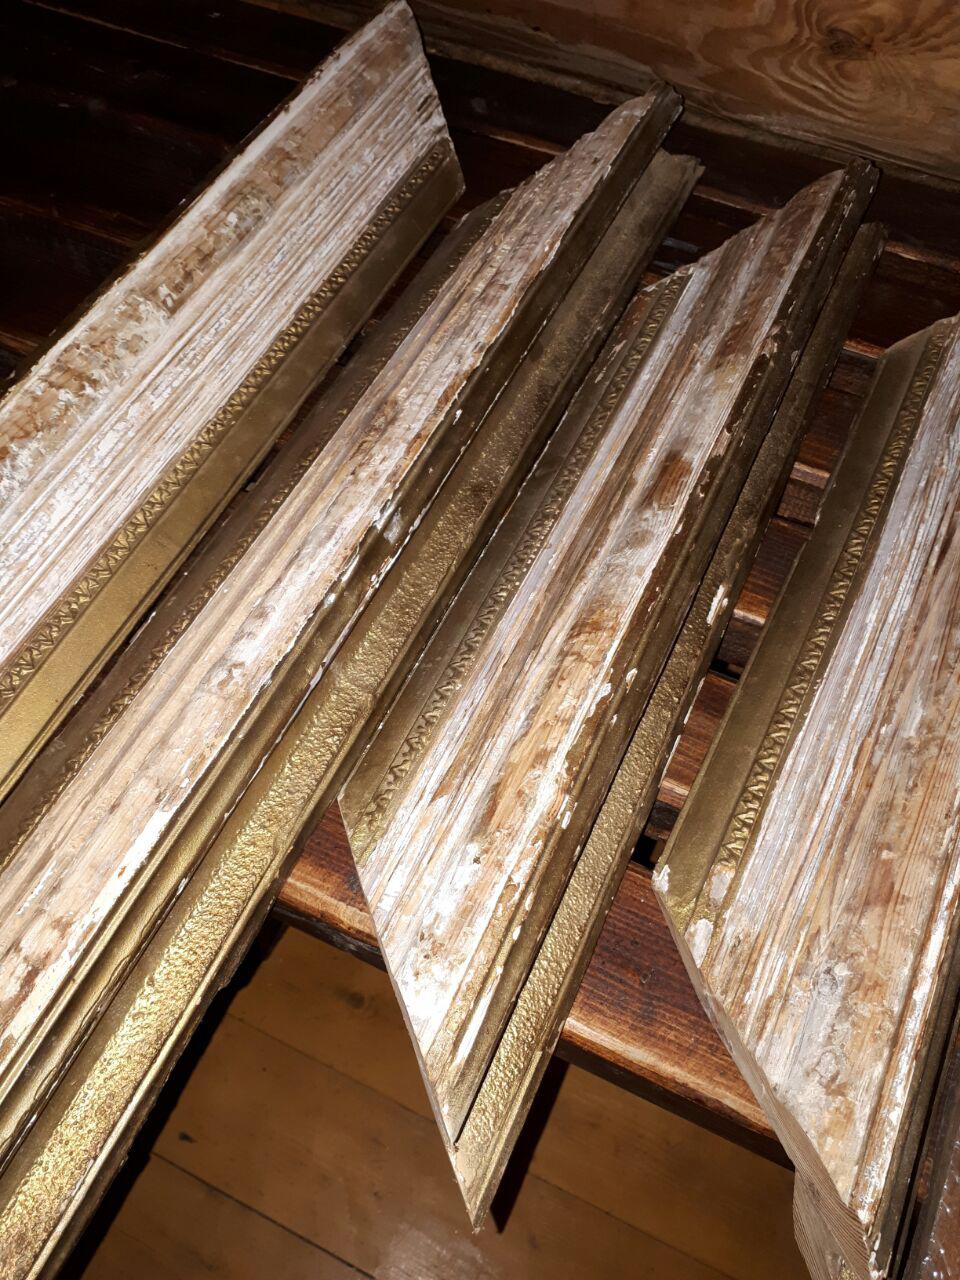 Восстановление реставрация старинной картинной рамы в реставрационной мастерской RESTORER.EXPERT